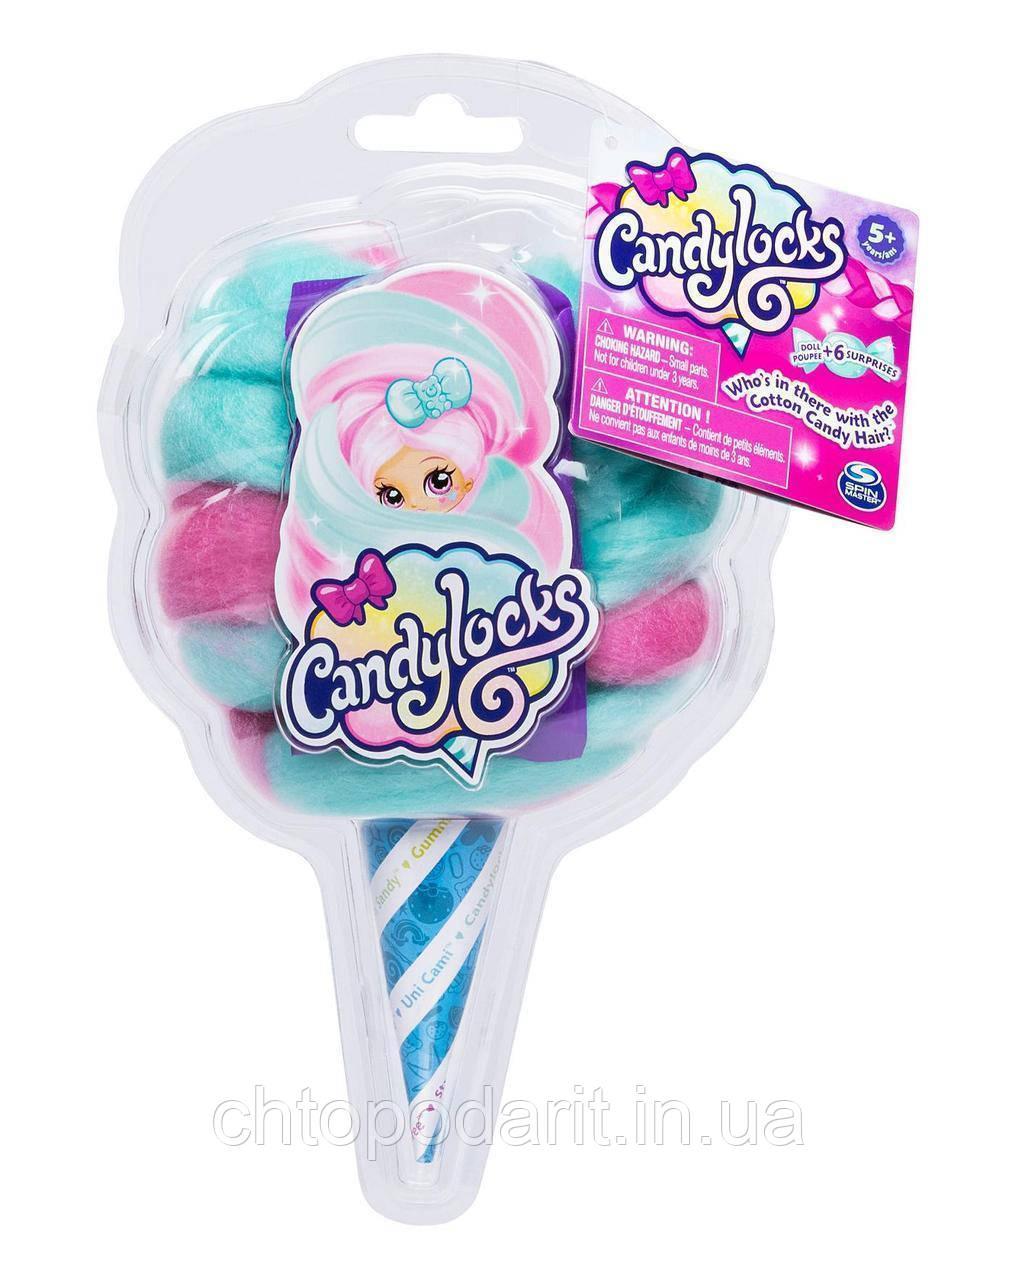 """Кукла """"Кендилукс сладкая вата"""" Candylocks с цветными волосами Код 12-1927"""